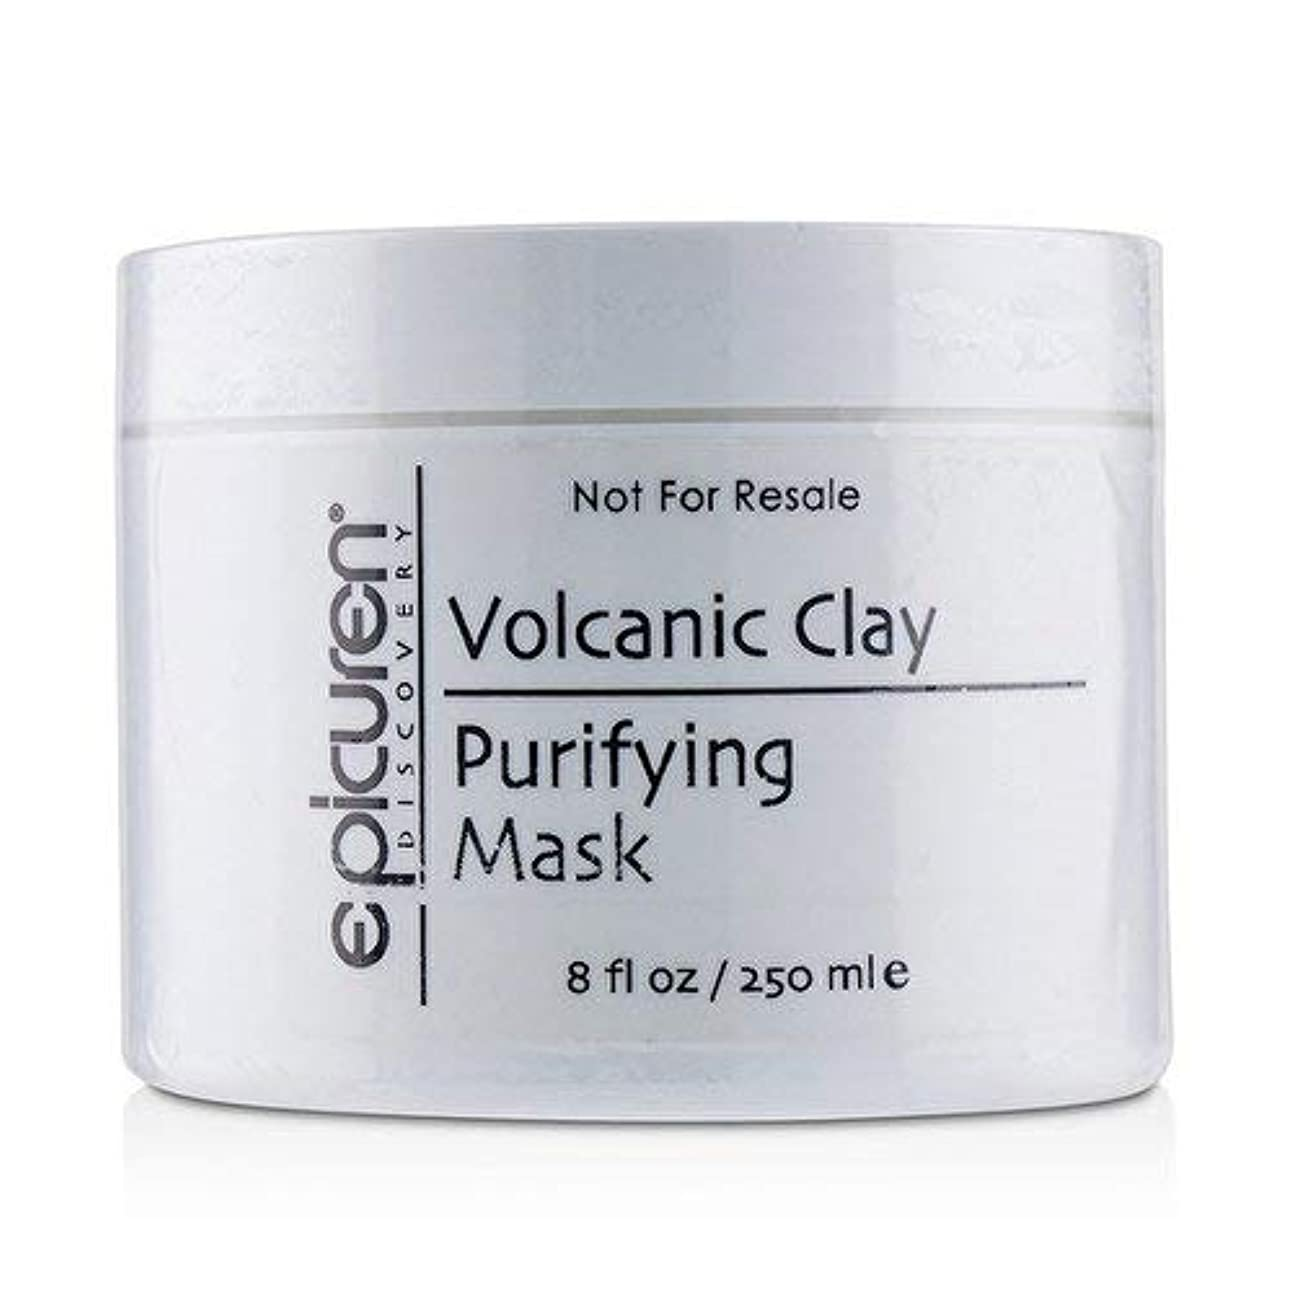 感度確認するするだろうEpicuren Volcanic Clay Purifying Mask - For Normal, Oily & Congested Skin Types 250ml/8oz並行輸入品